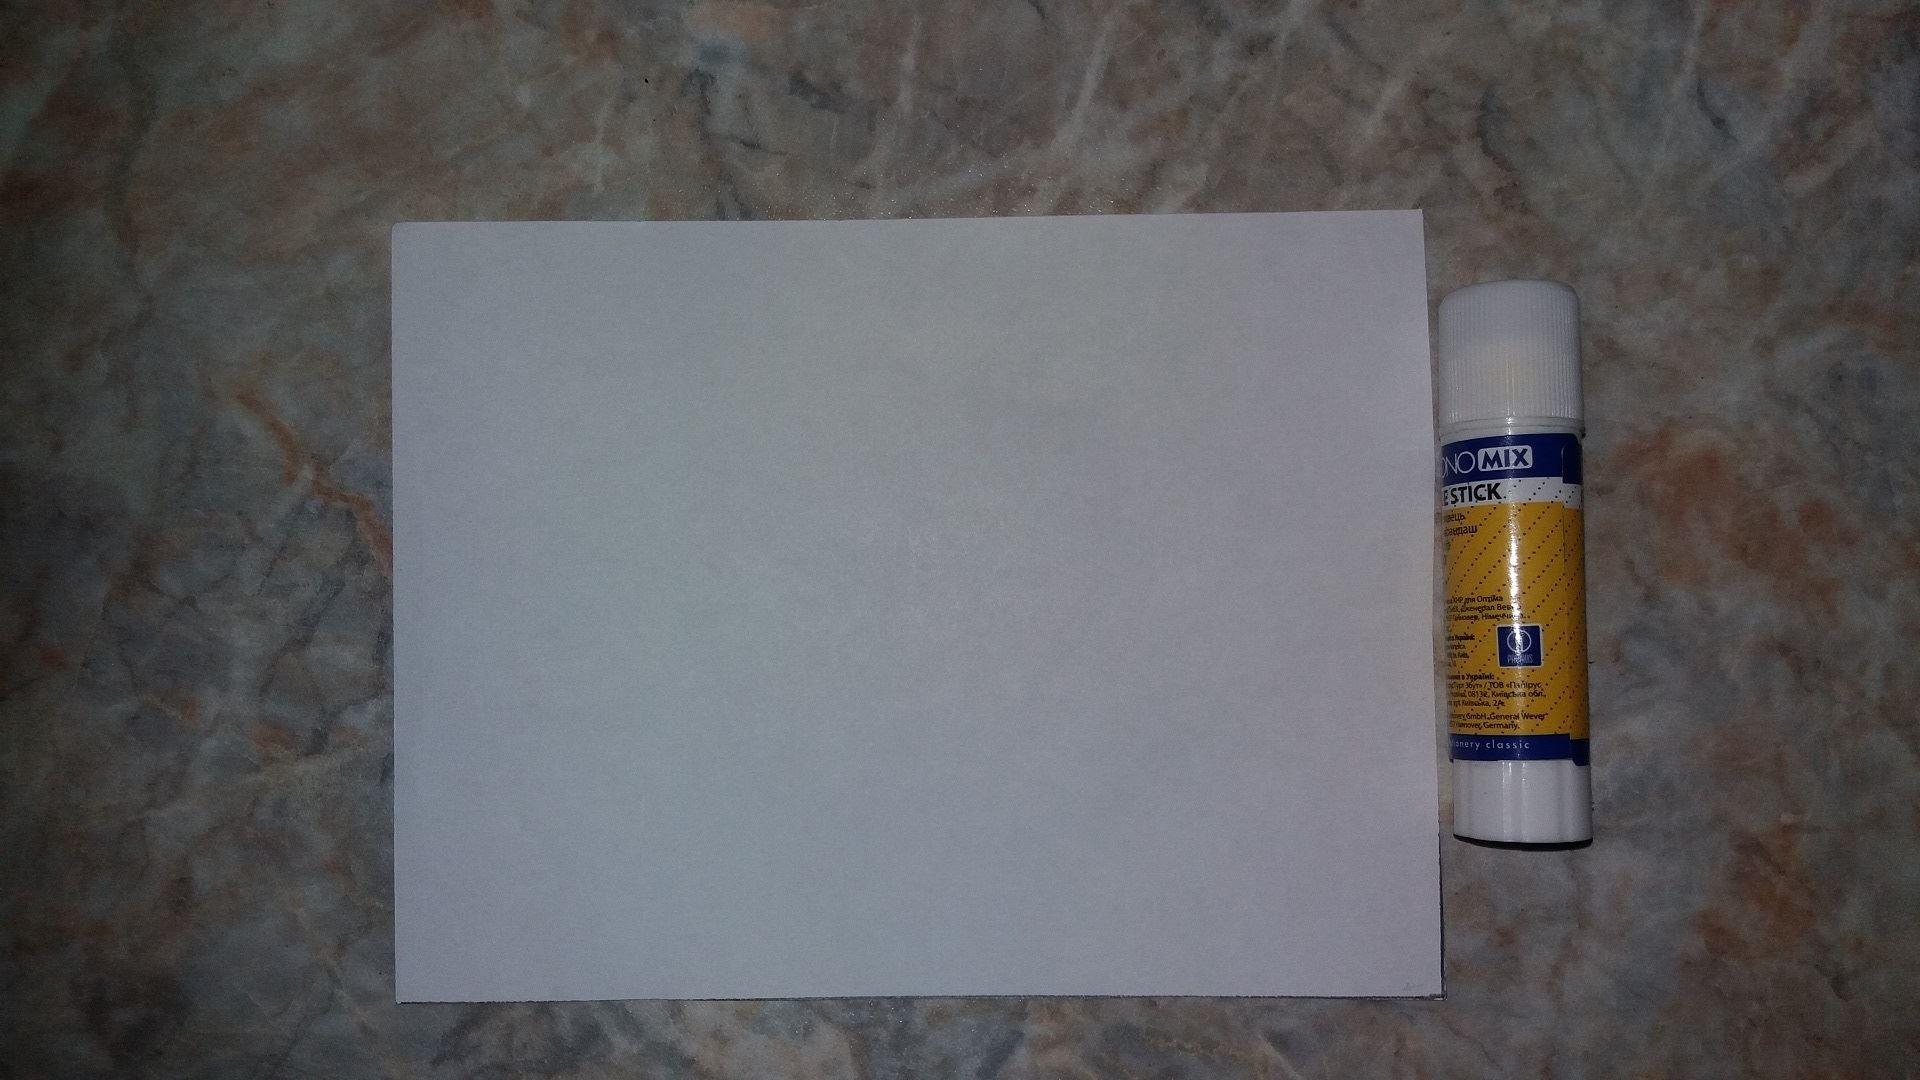 Затем берем листик белой бумаги и скручиваем его в трубку, в таком положении и склеиваем